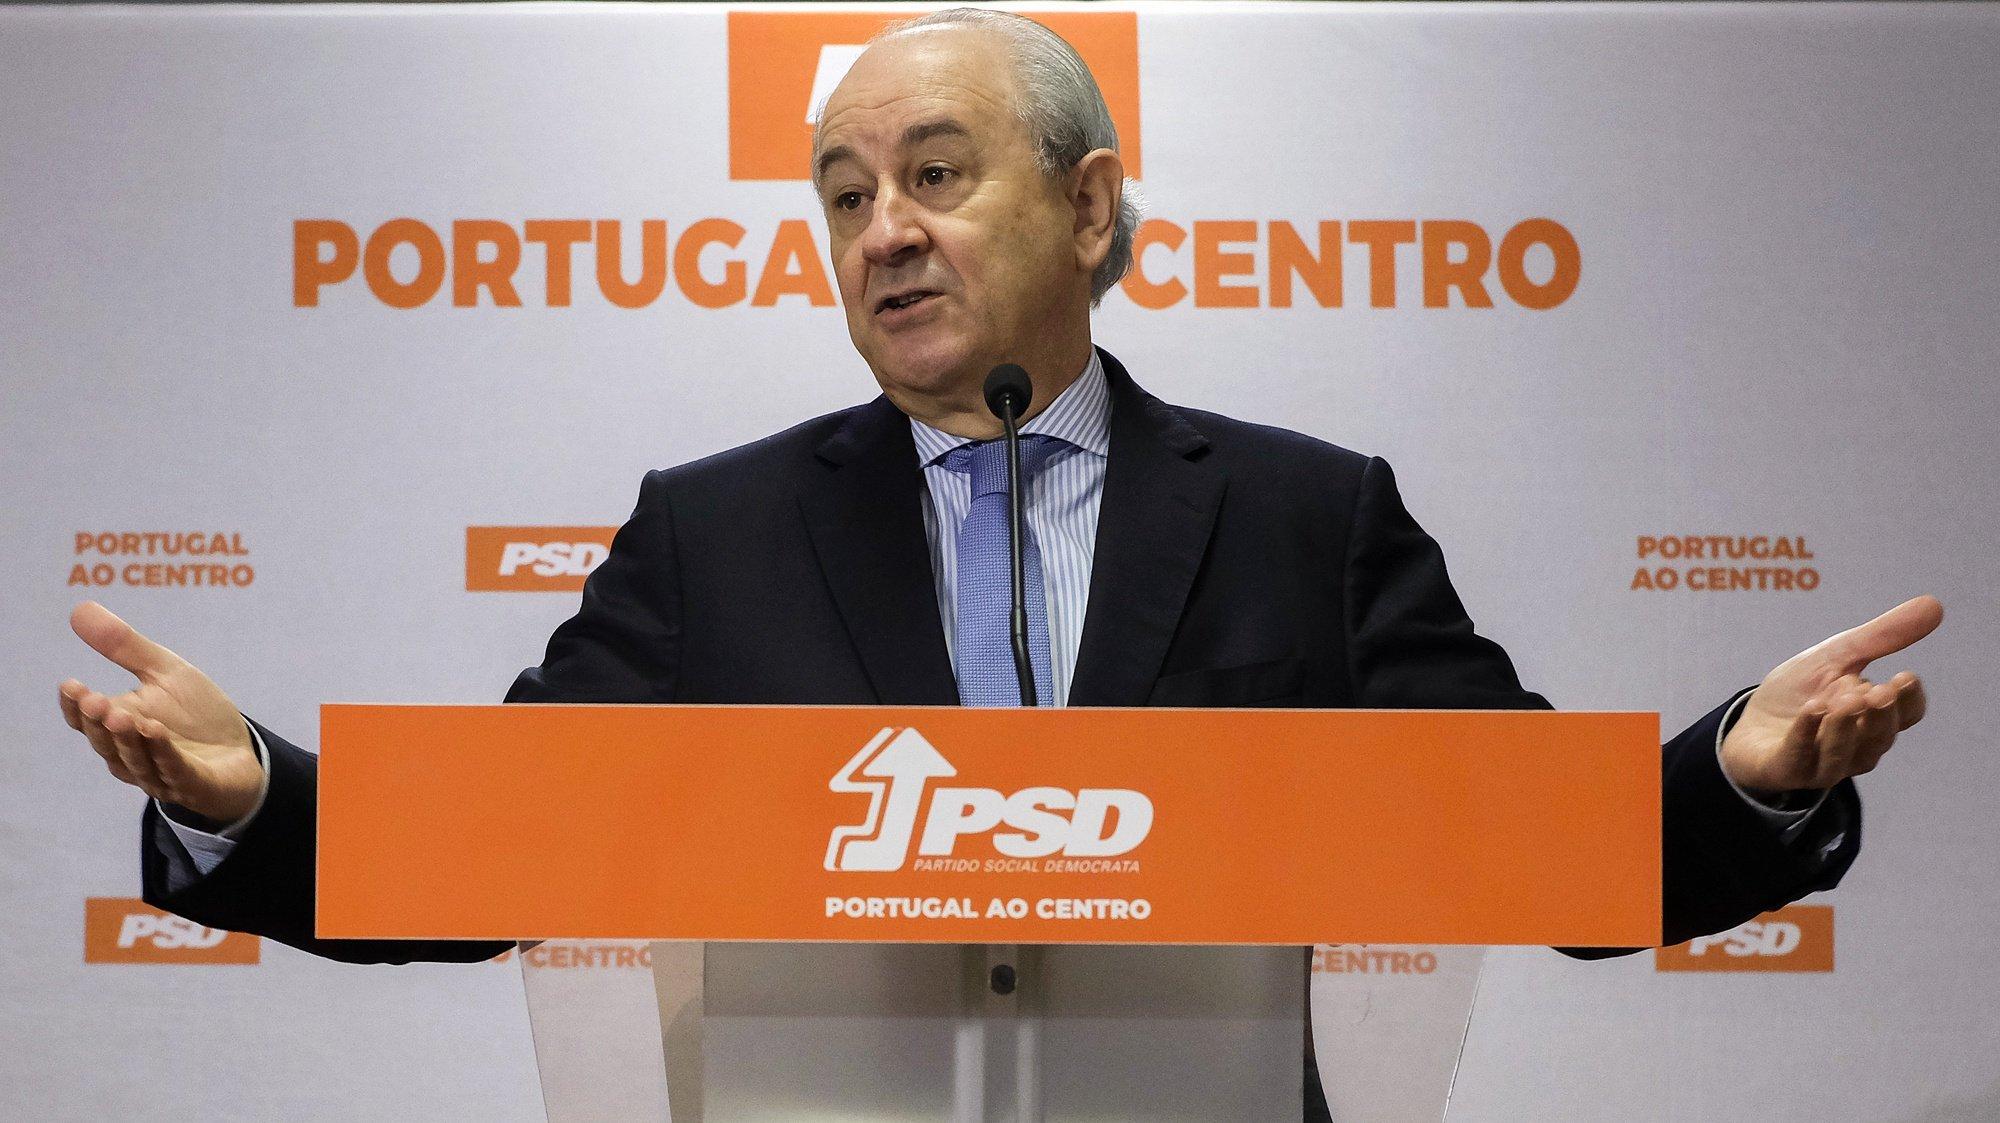 O presidente do Partido Social Democrata , Rui Rio, faz declarações aos jornalistas após ter reunido com os representantes do Sindicato dos Oficiais de Justiça, na sede do partido no Porto. 03 de maio de 2021. FERNANDO VELUDO/LUSA